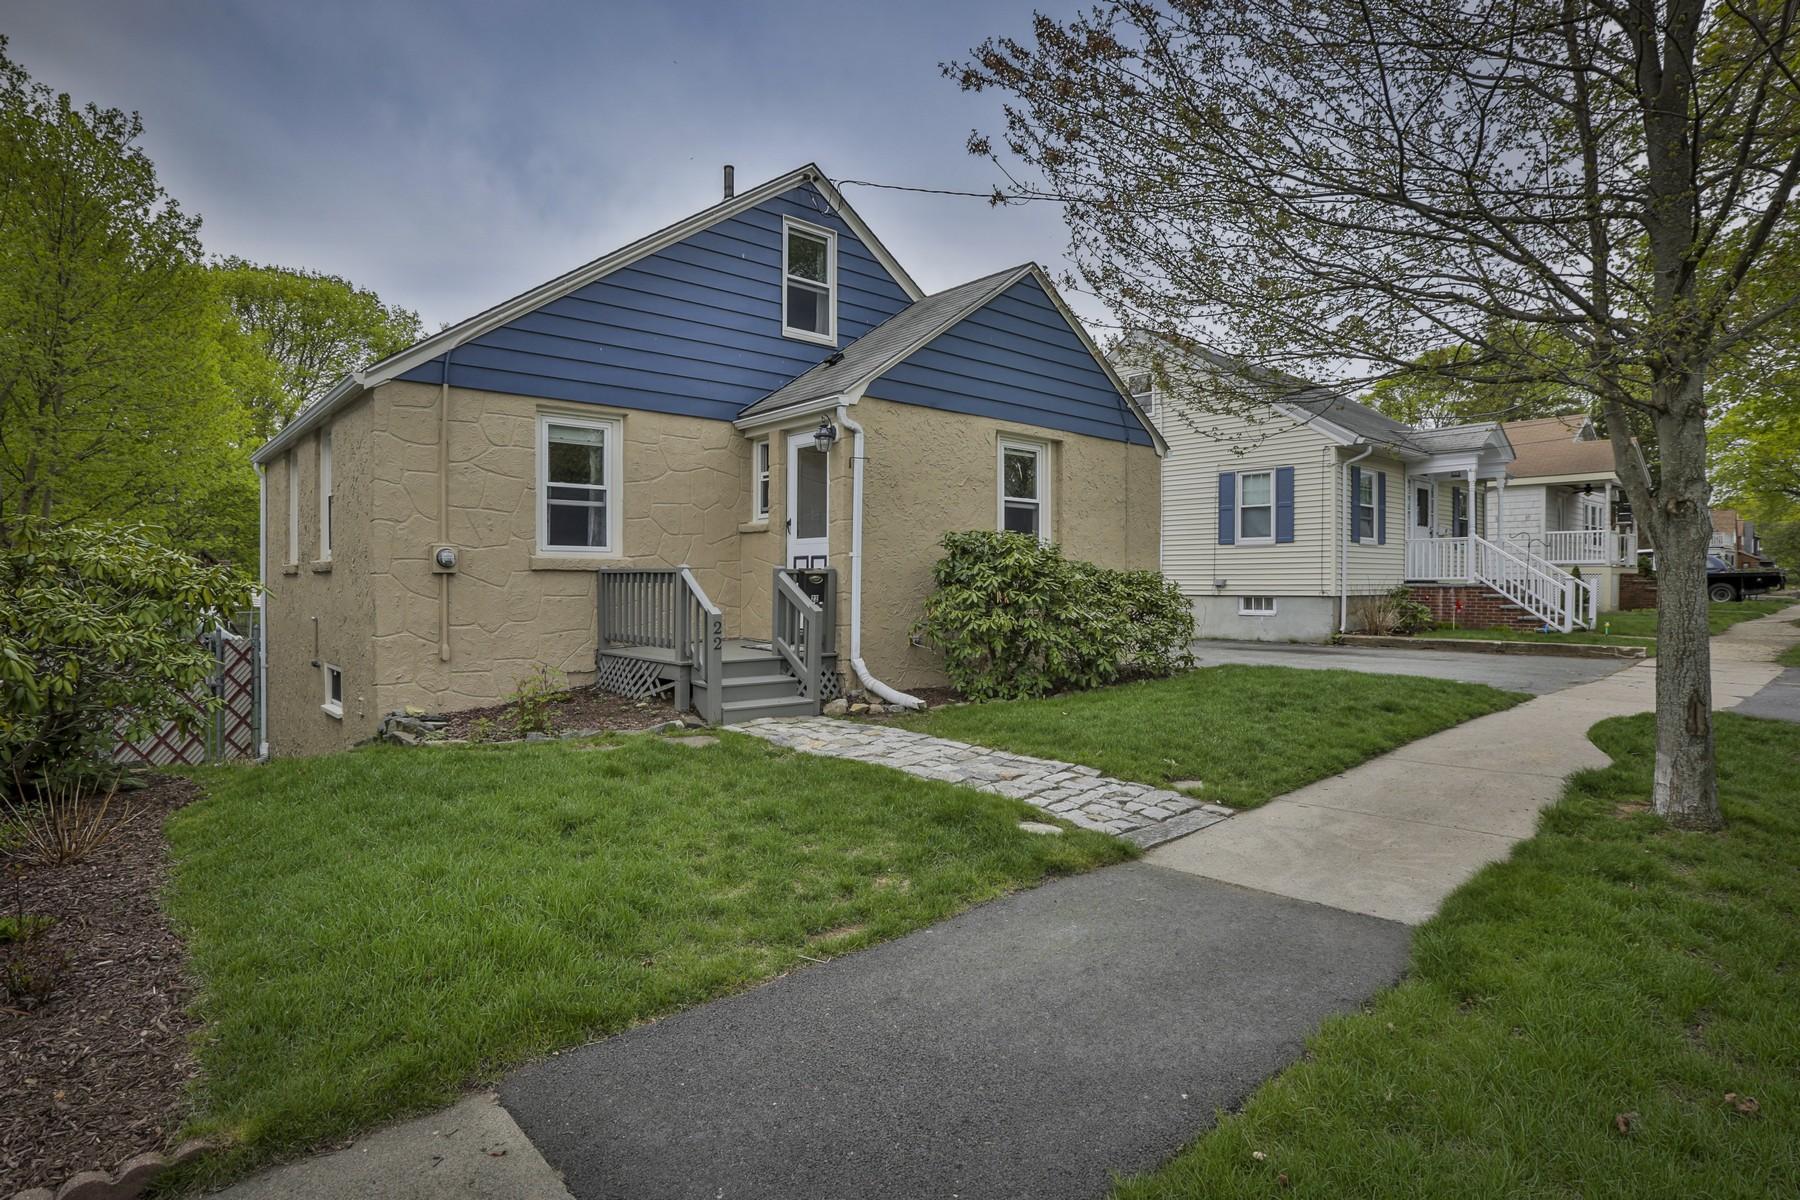 Maison unifamiliale pour l Vente à Pristine Royal Side Bungalow 22 Ashton Street Beverly, Massachusetts, 01915 États-Unis